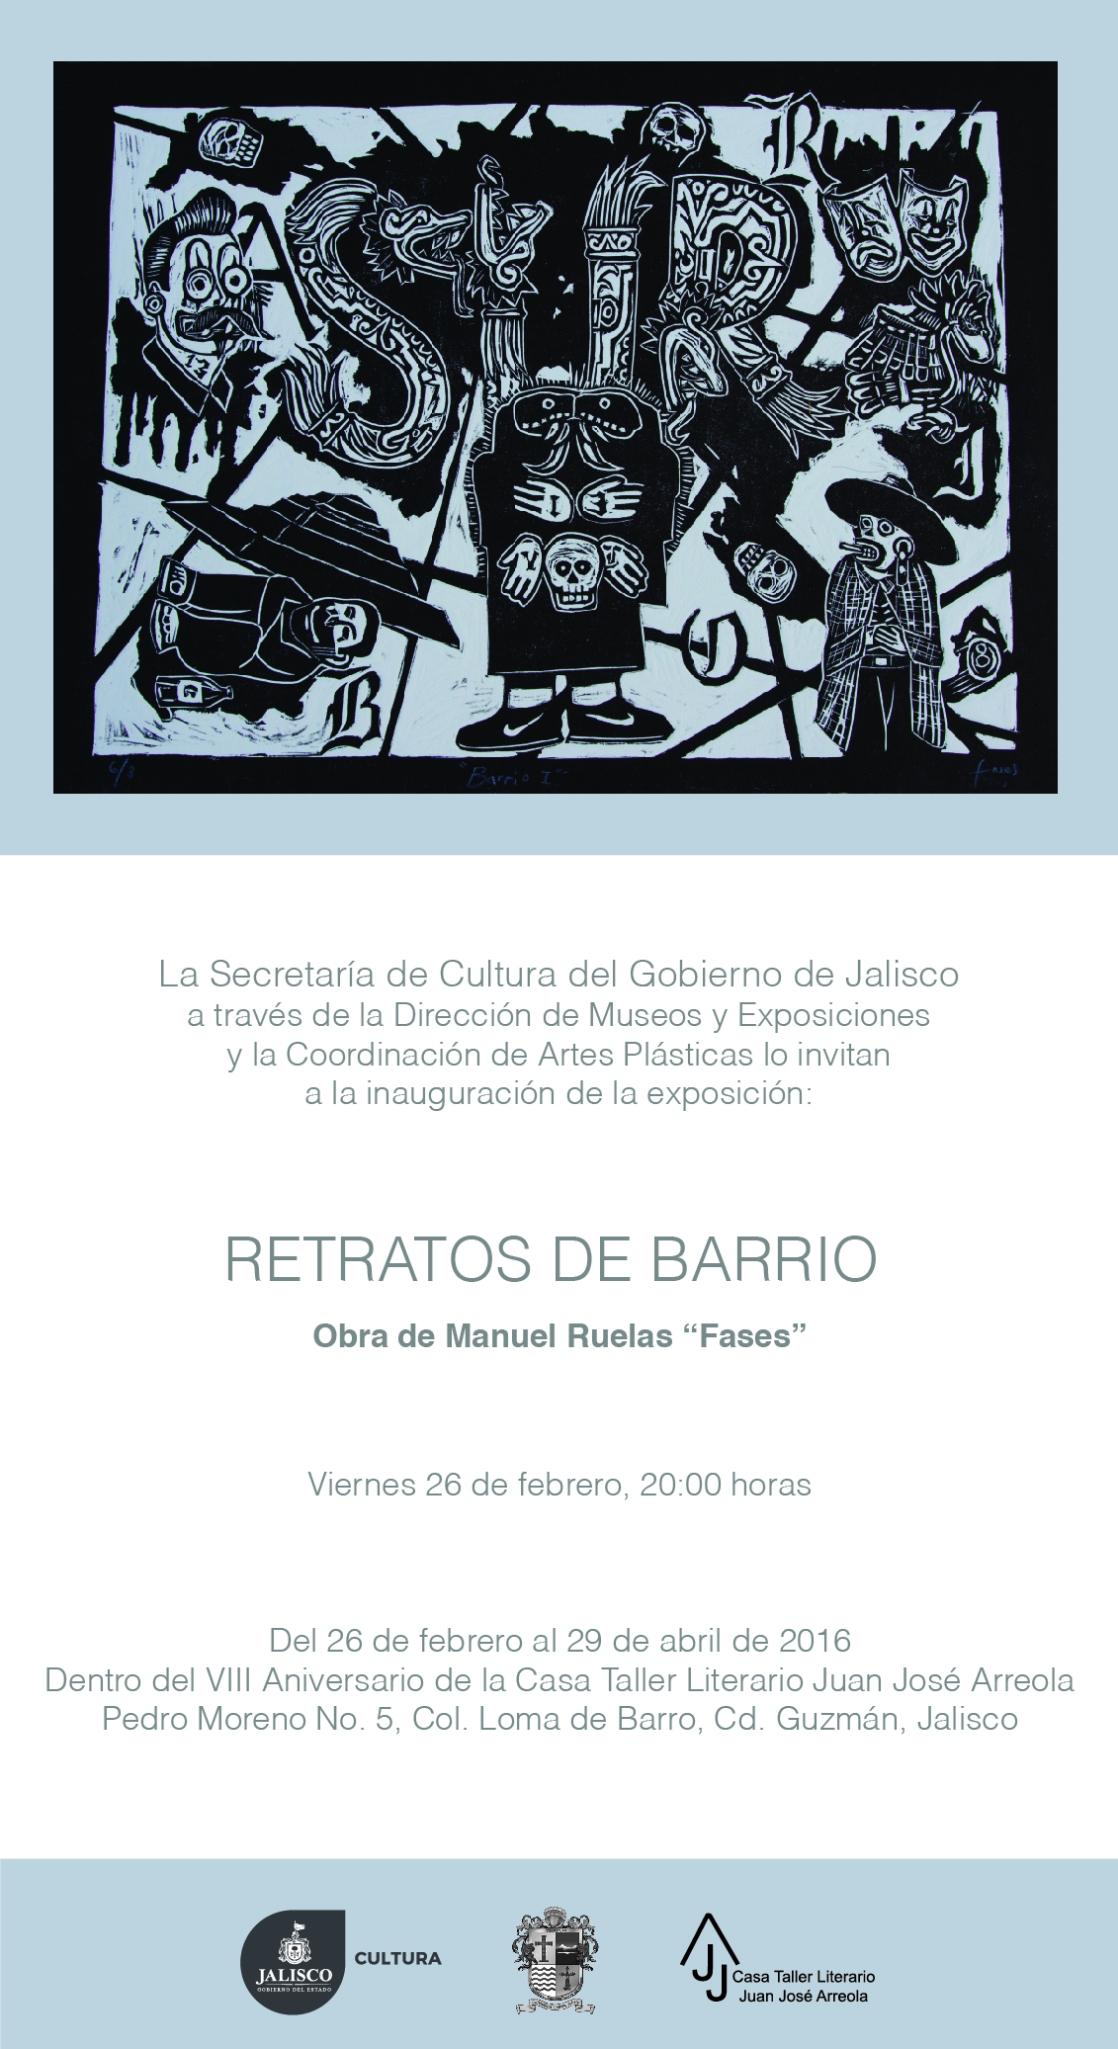 Retratos de Barrio_Invitación